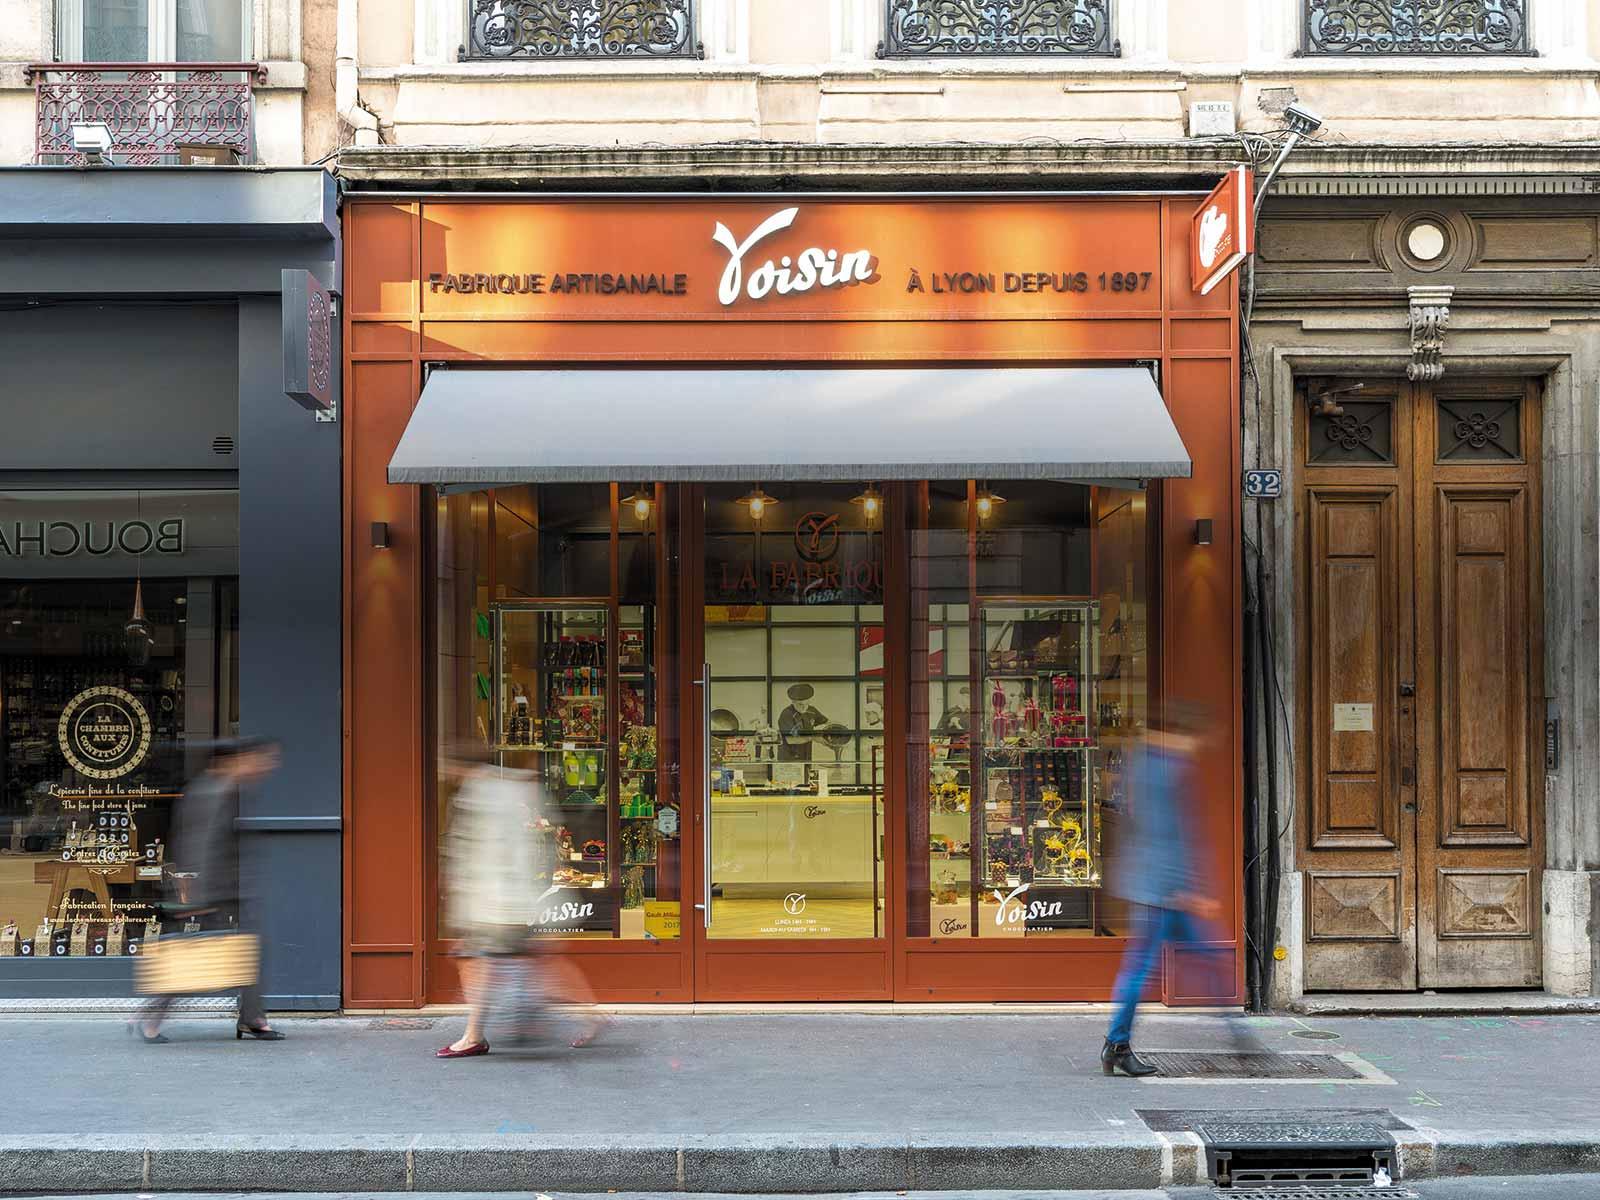 Enseigne d'une boutique Voisin